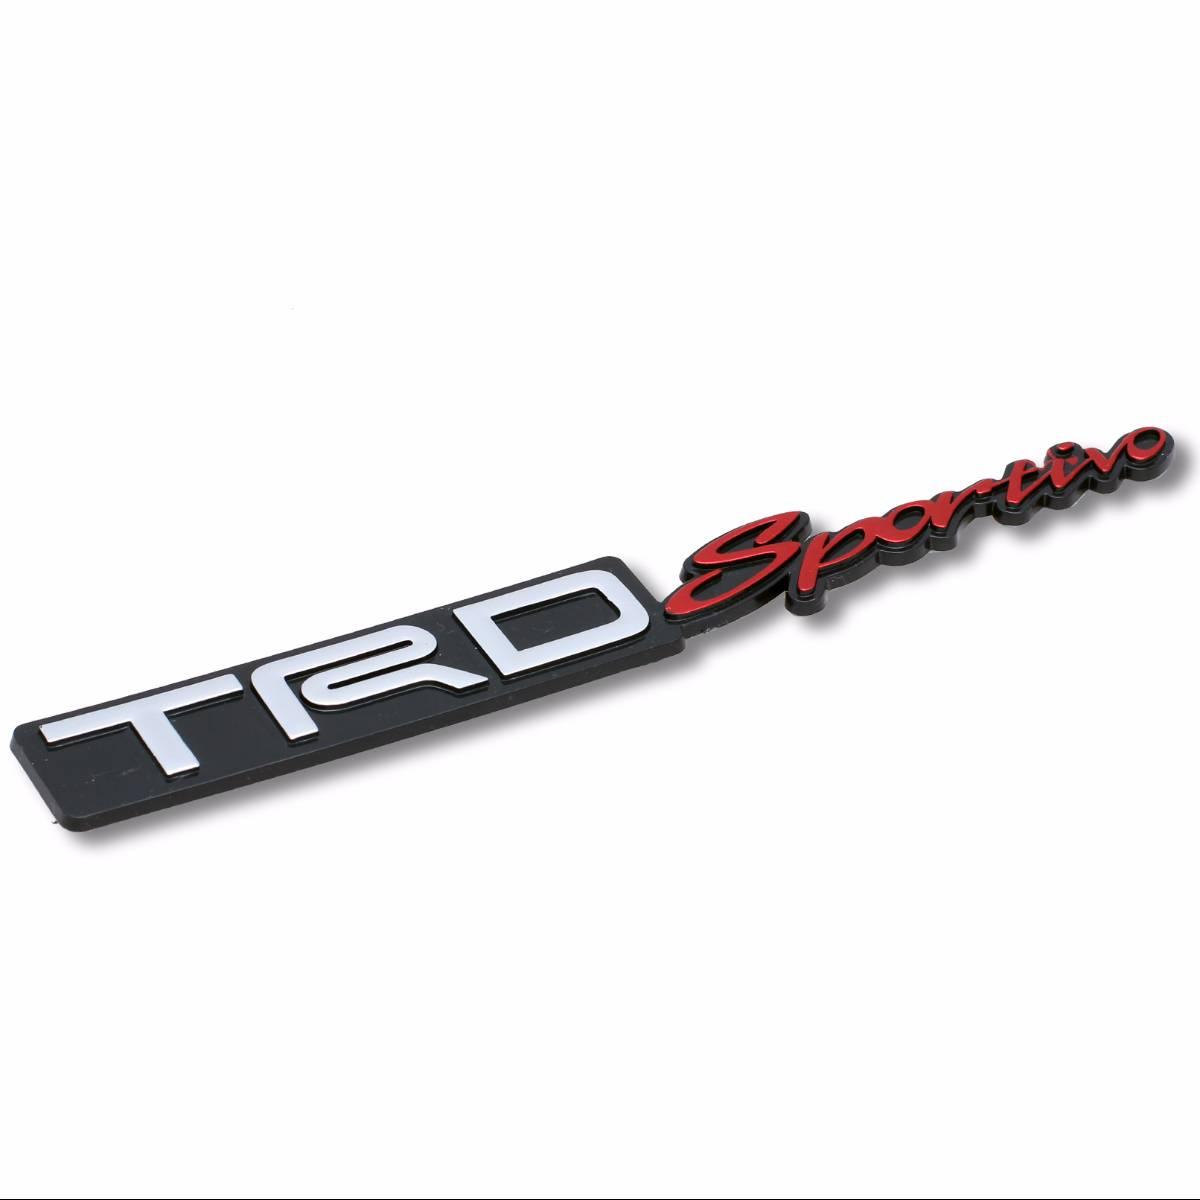 Emblem Logo Trd Sportivo - Embose Black